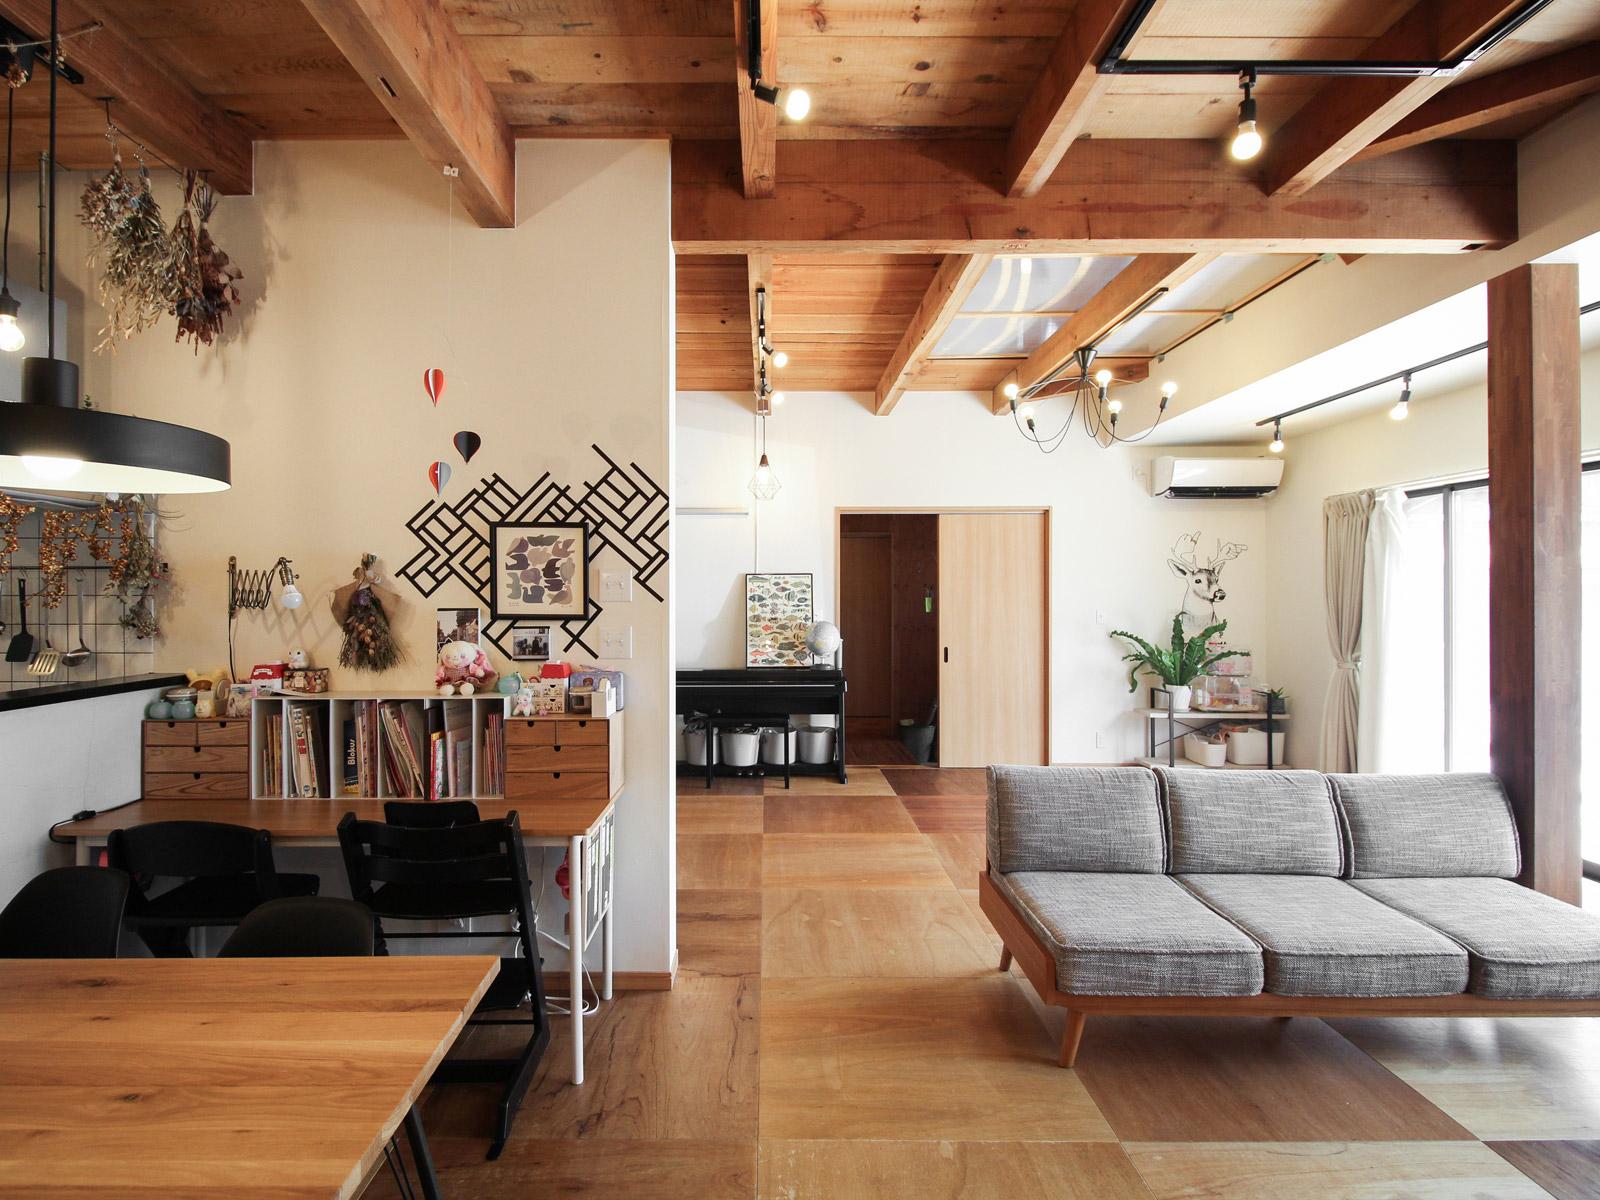 リノベーション済み一戸建てin西尾市 家族4人がのびのび暮らせる大空間